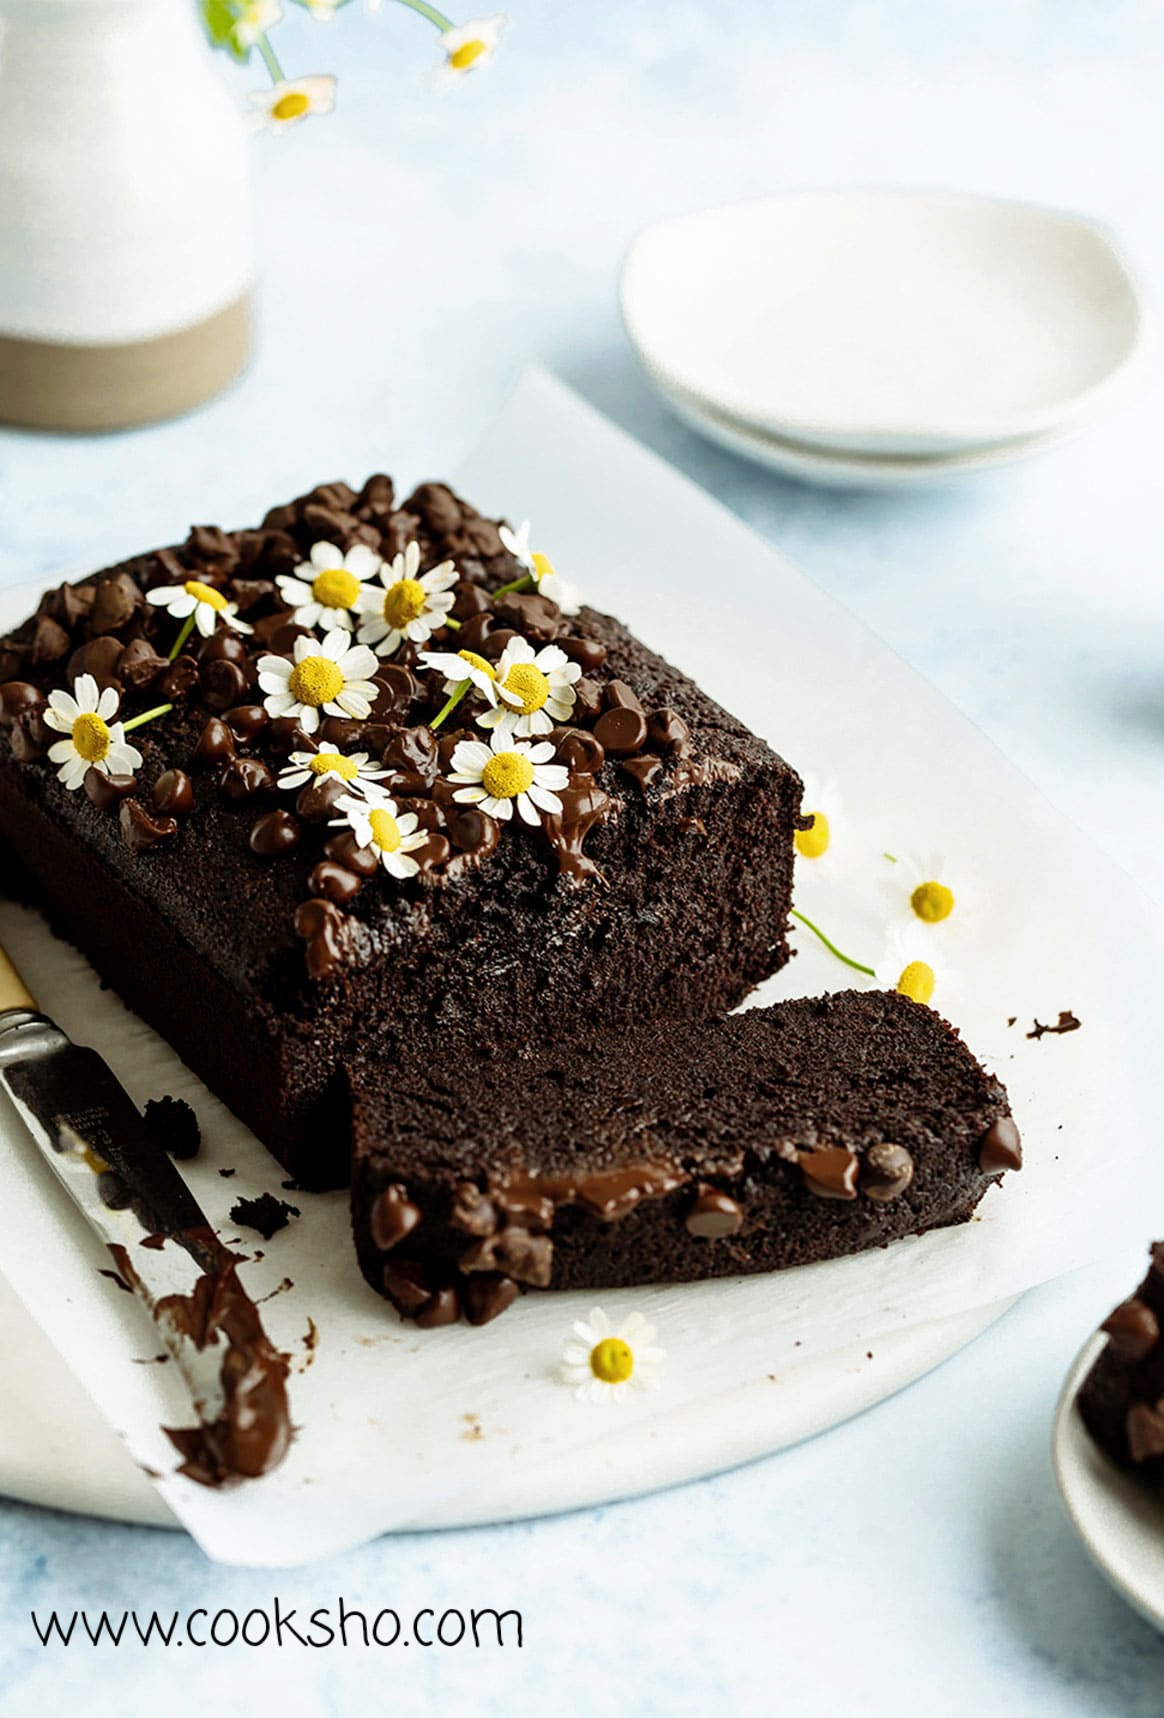 تاریخچه کیک شکلاتی و و بررسی انواع کیک خیس